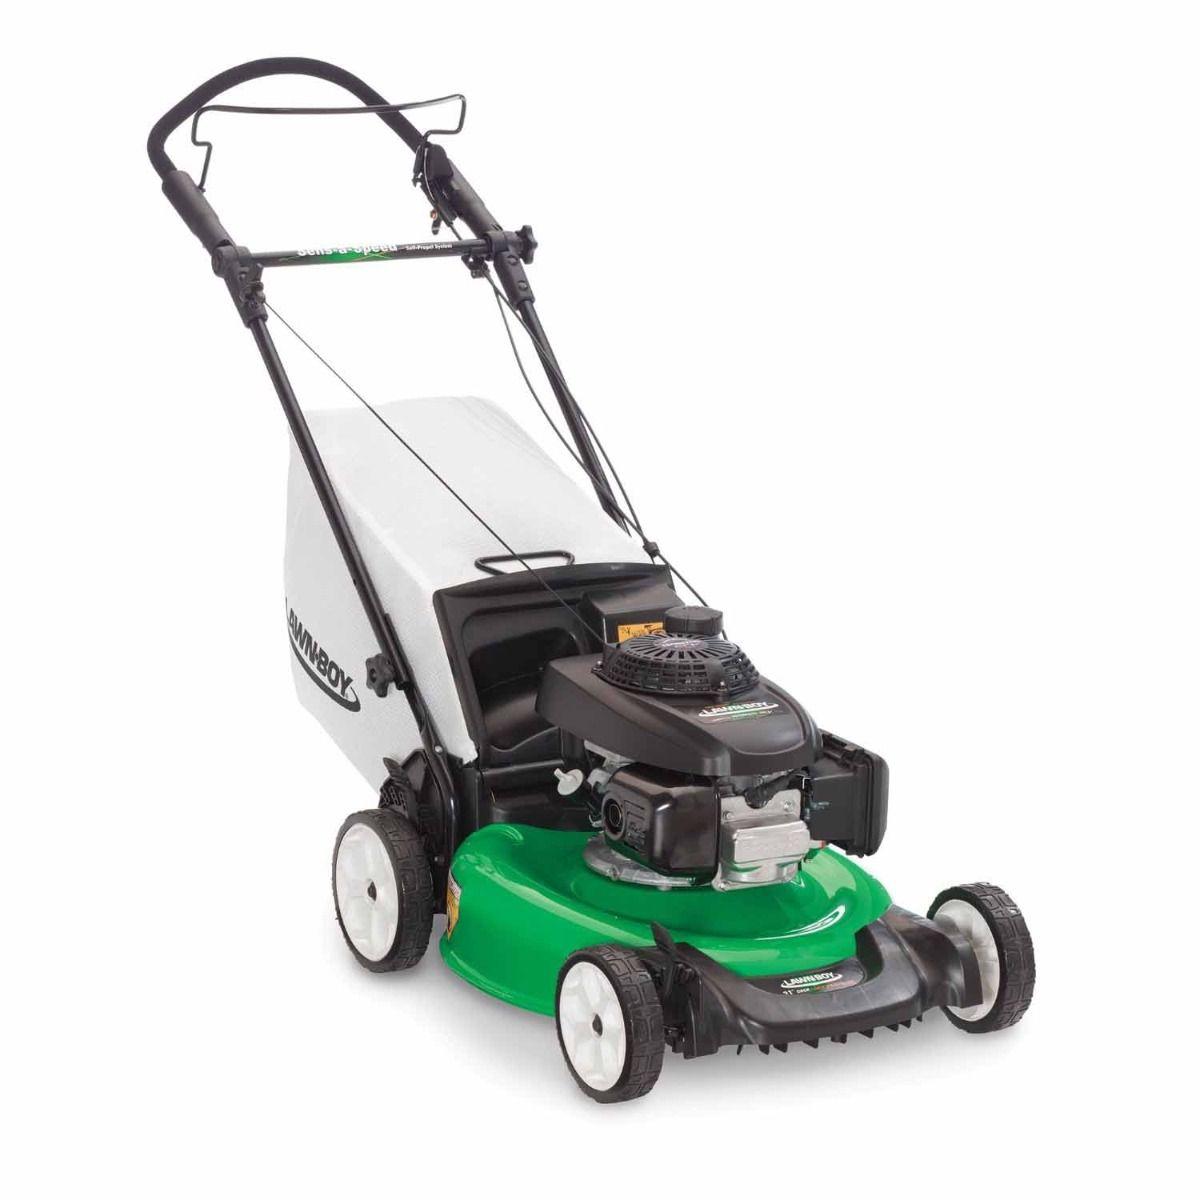 Lawn-Boy model 10736 with Honda Engine